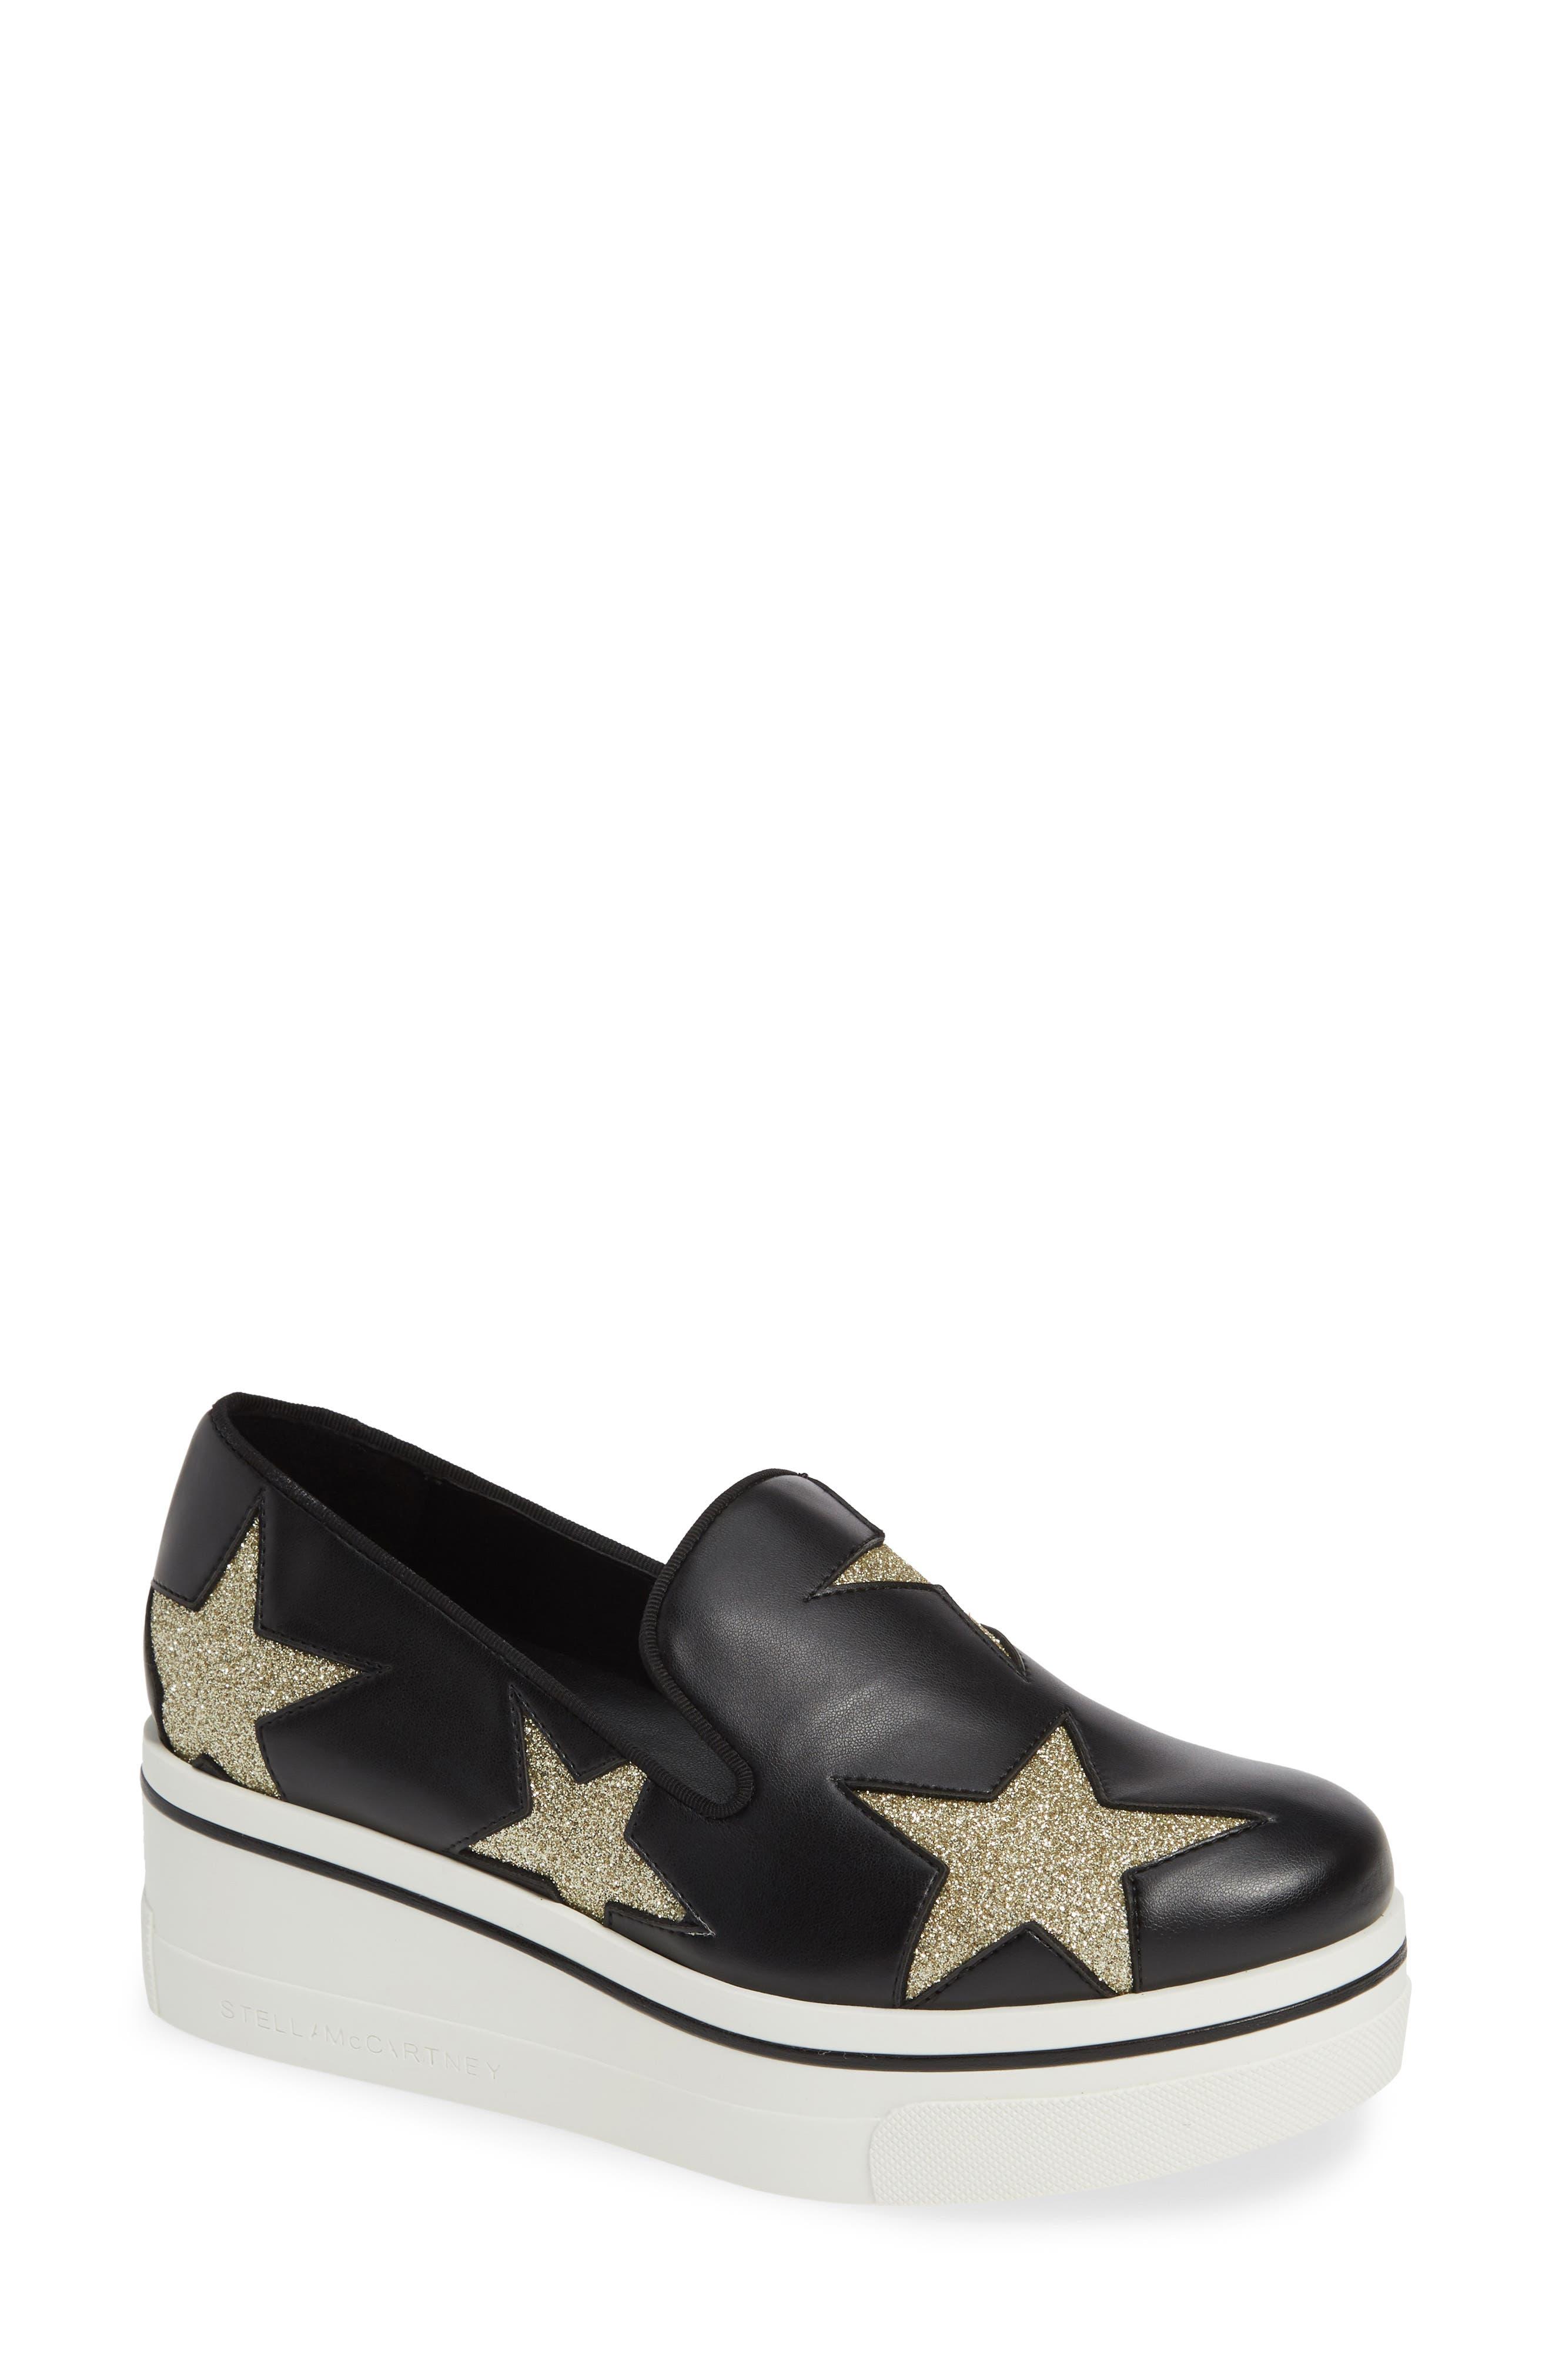 Binx Stars Slip-On Platform Sneaker in Black/ Gold